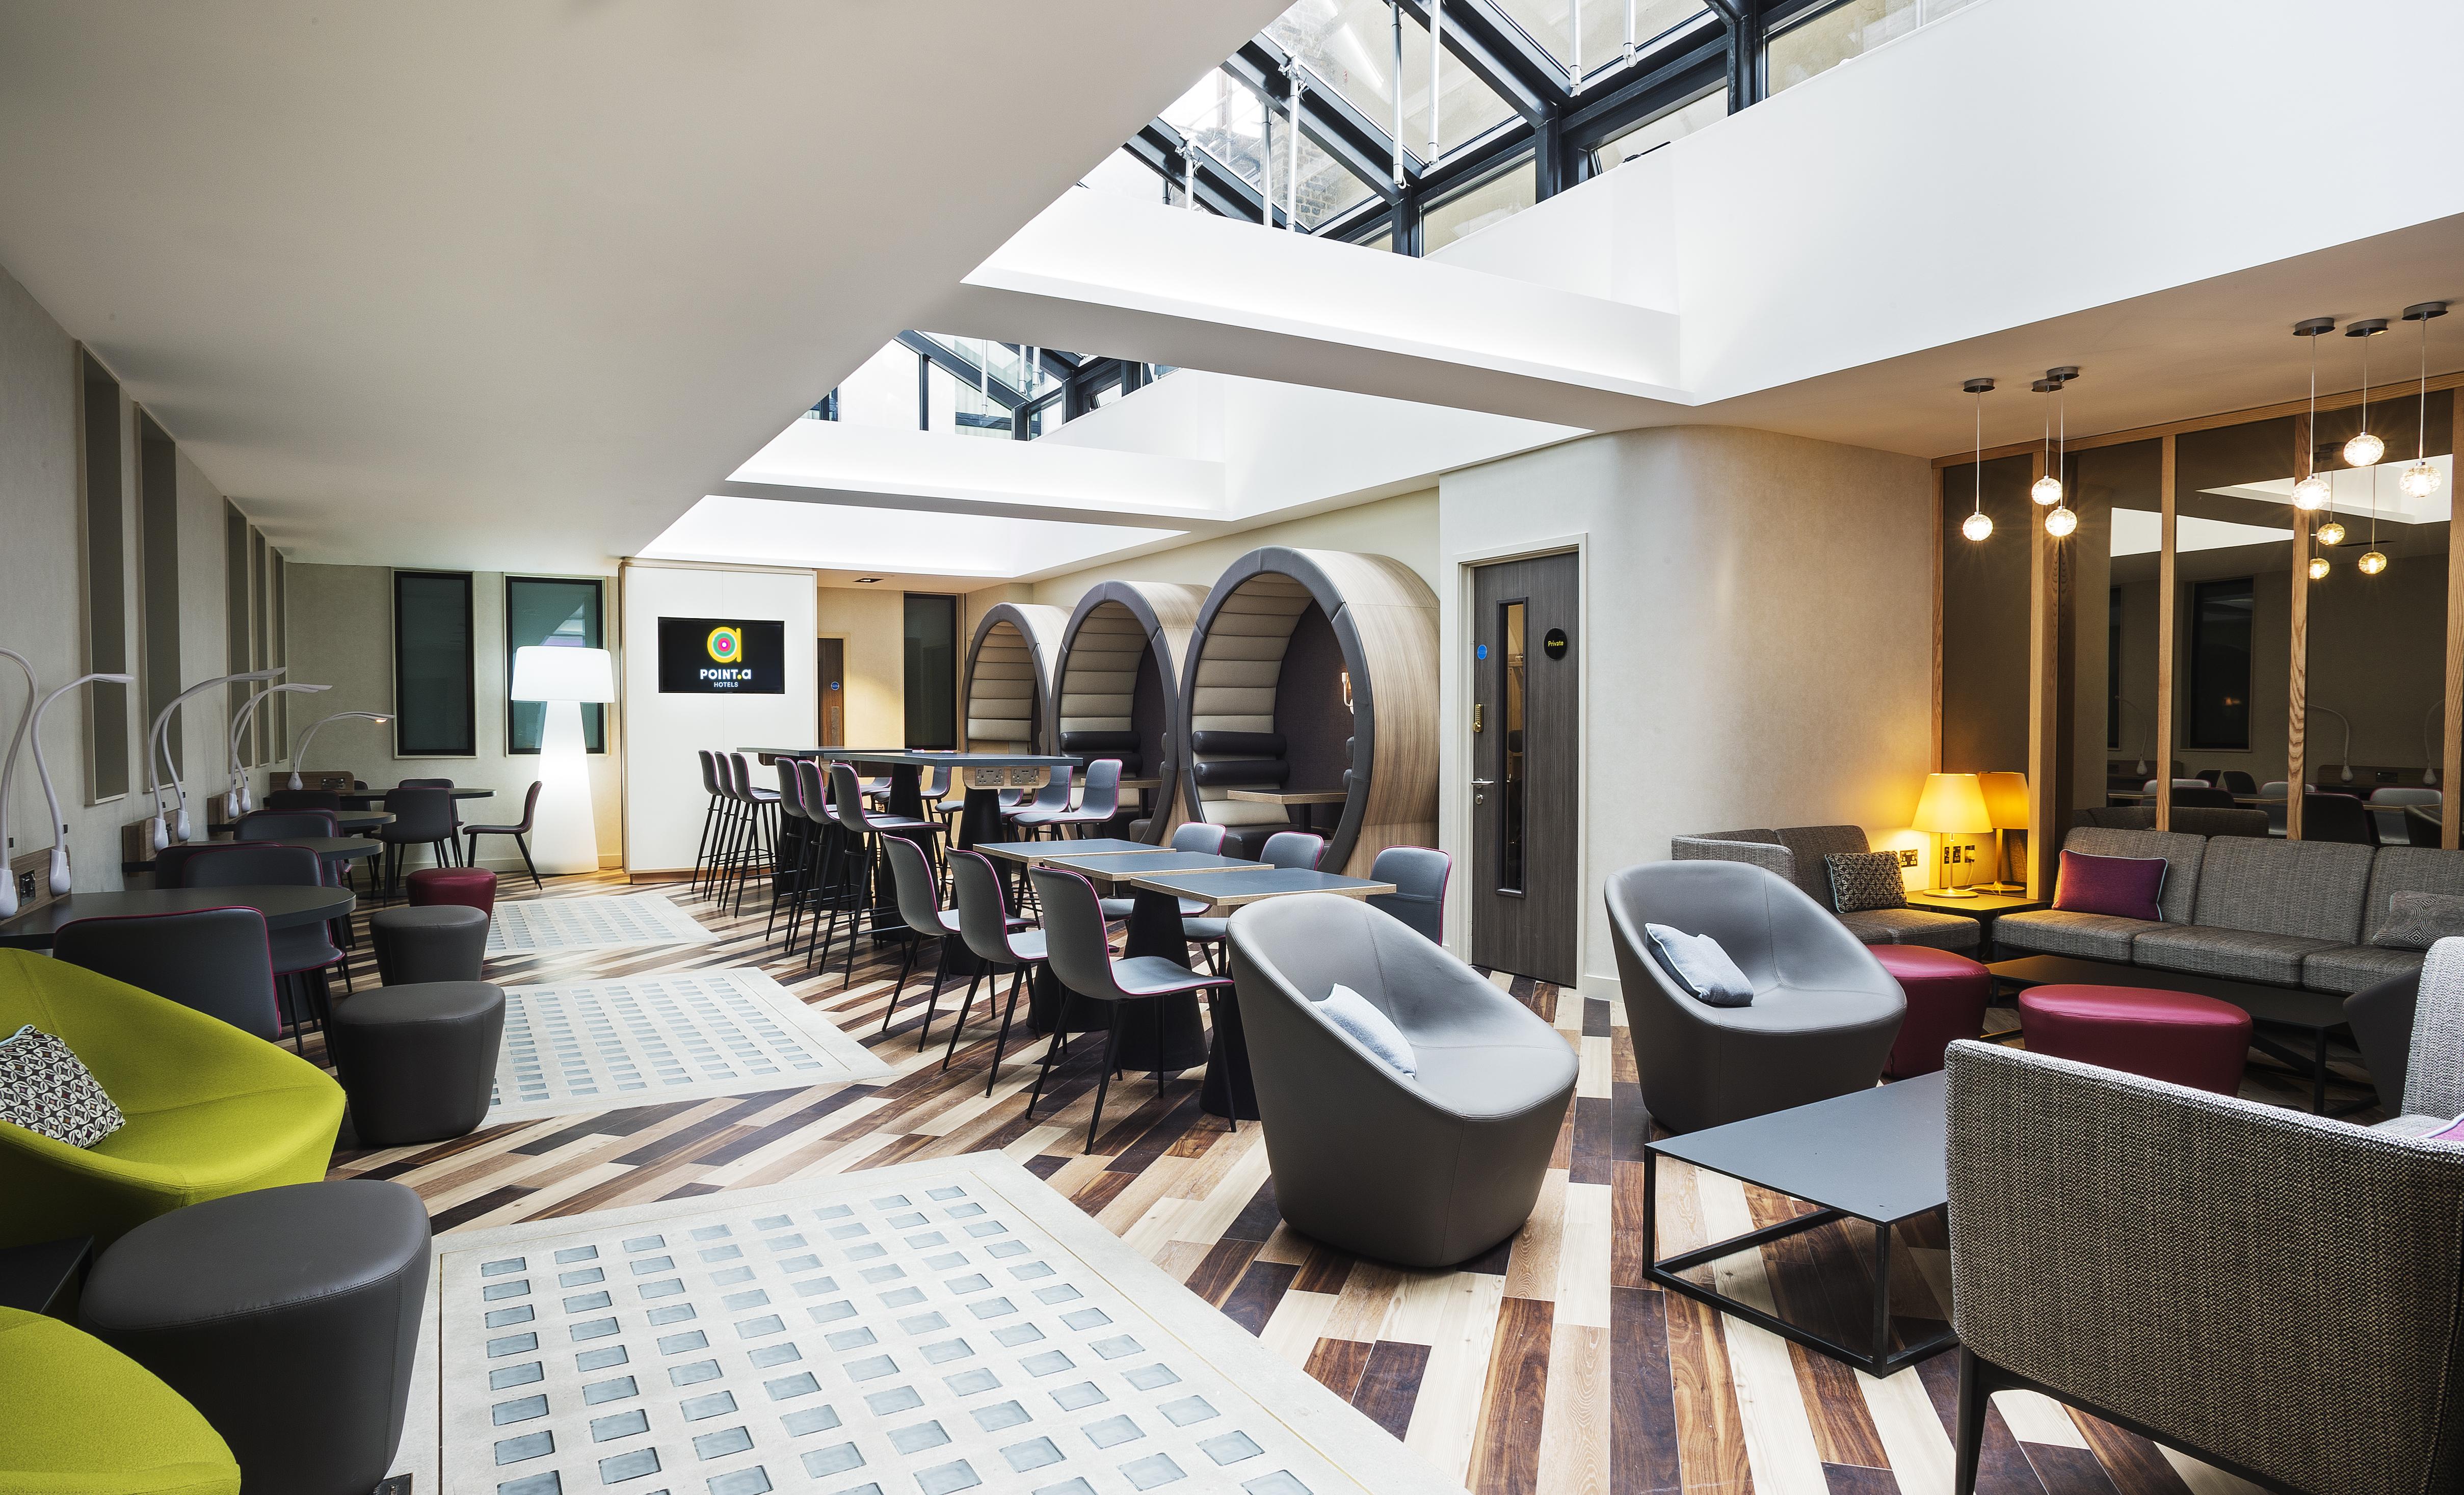 Point-A-Shoreditch-London-Hotel.jpg?mtime=20190411104549#asset:105485